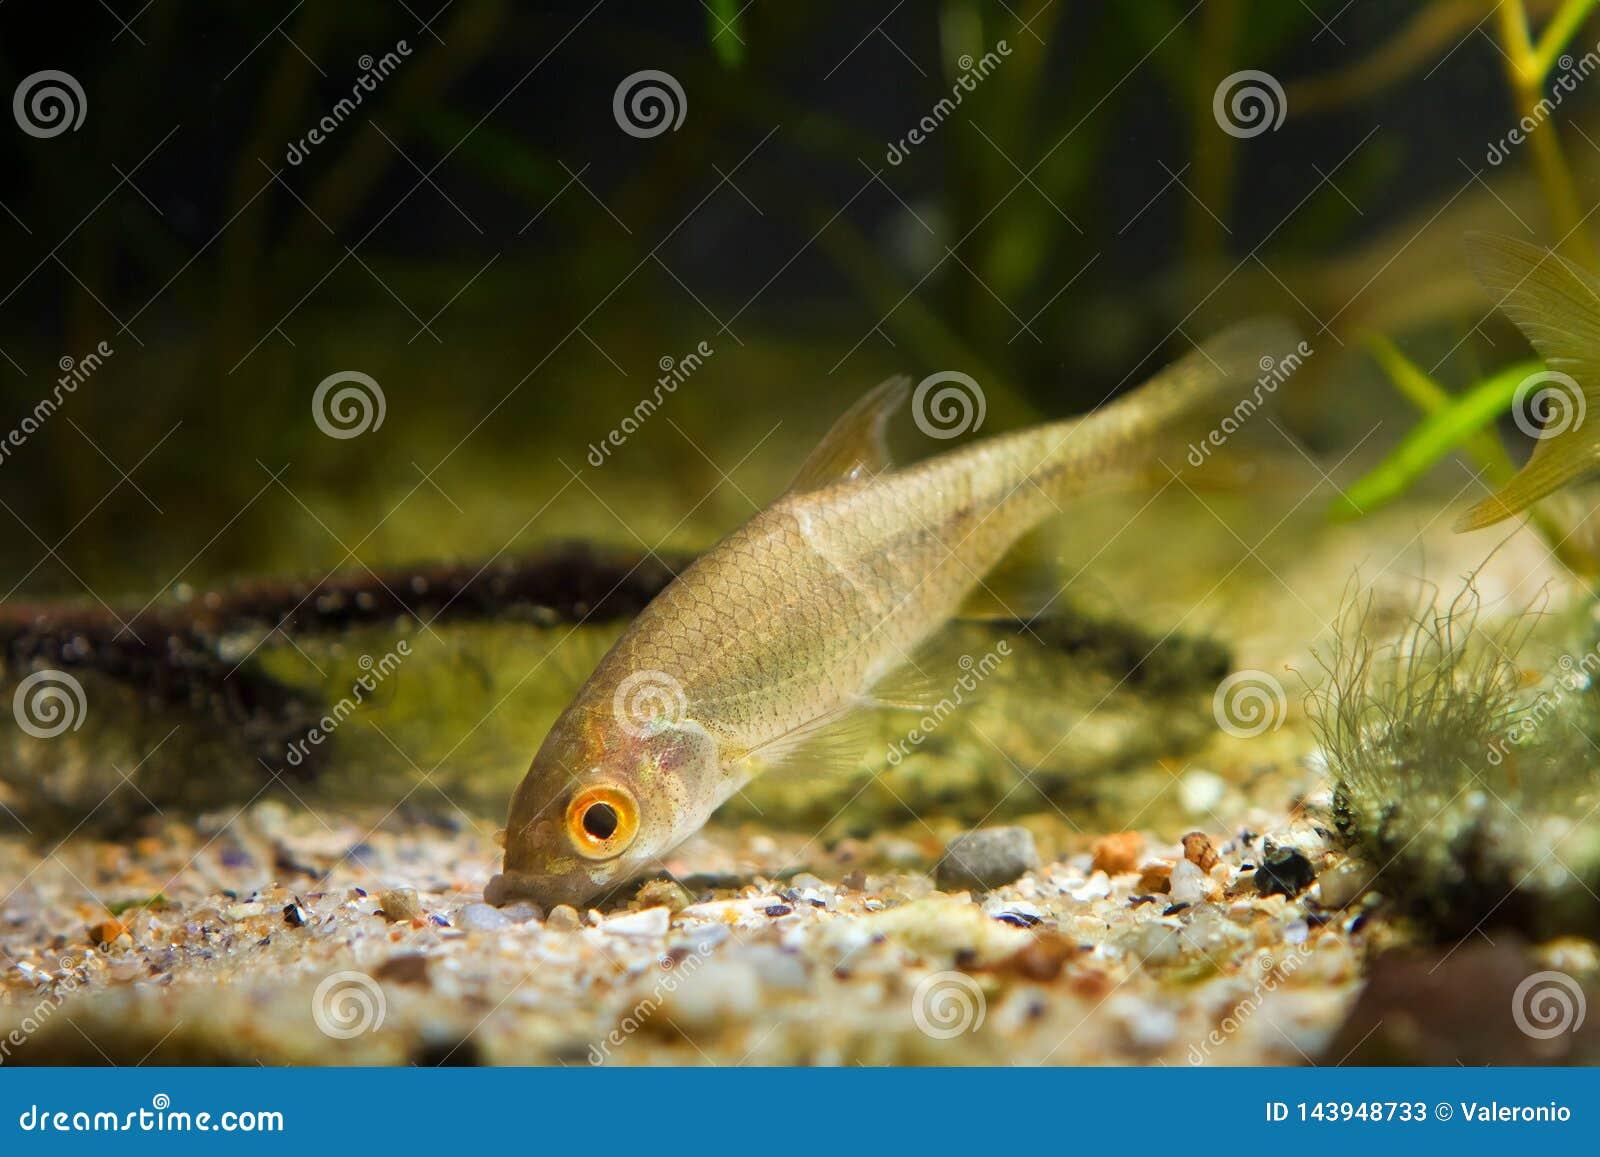 Sunbleak moderado dos peixes de água doce, delineatus de Leucaspius, buscas para o alimento na parte inferior da areia no aquário